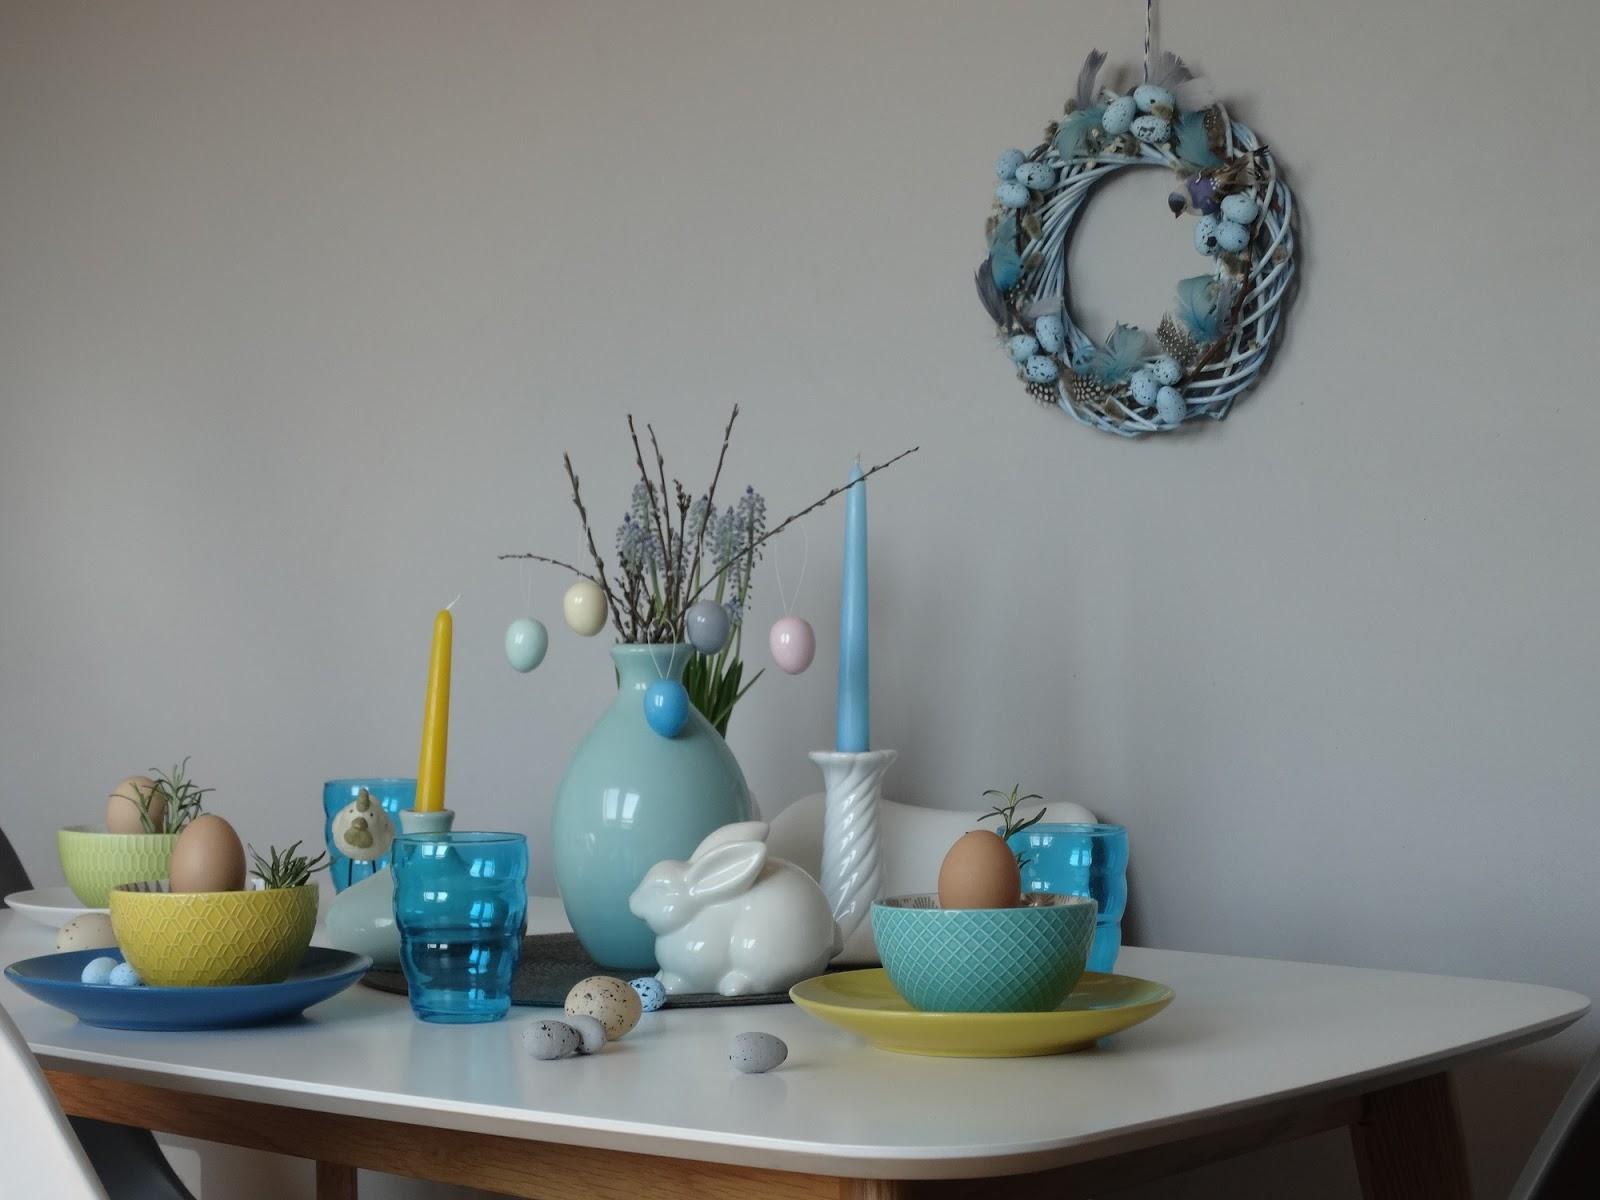 wielkanoc,wielkanocne dekoracje, wielkanocna aranżacja,aranżacja stołu